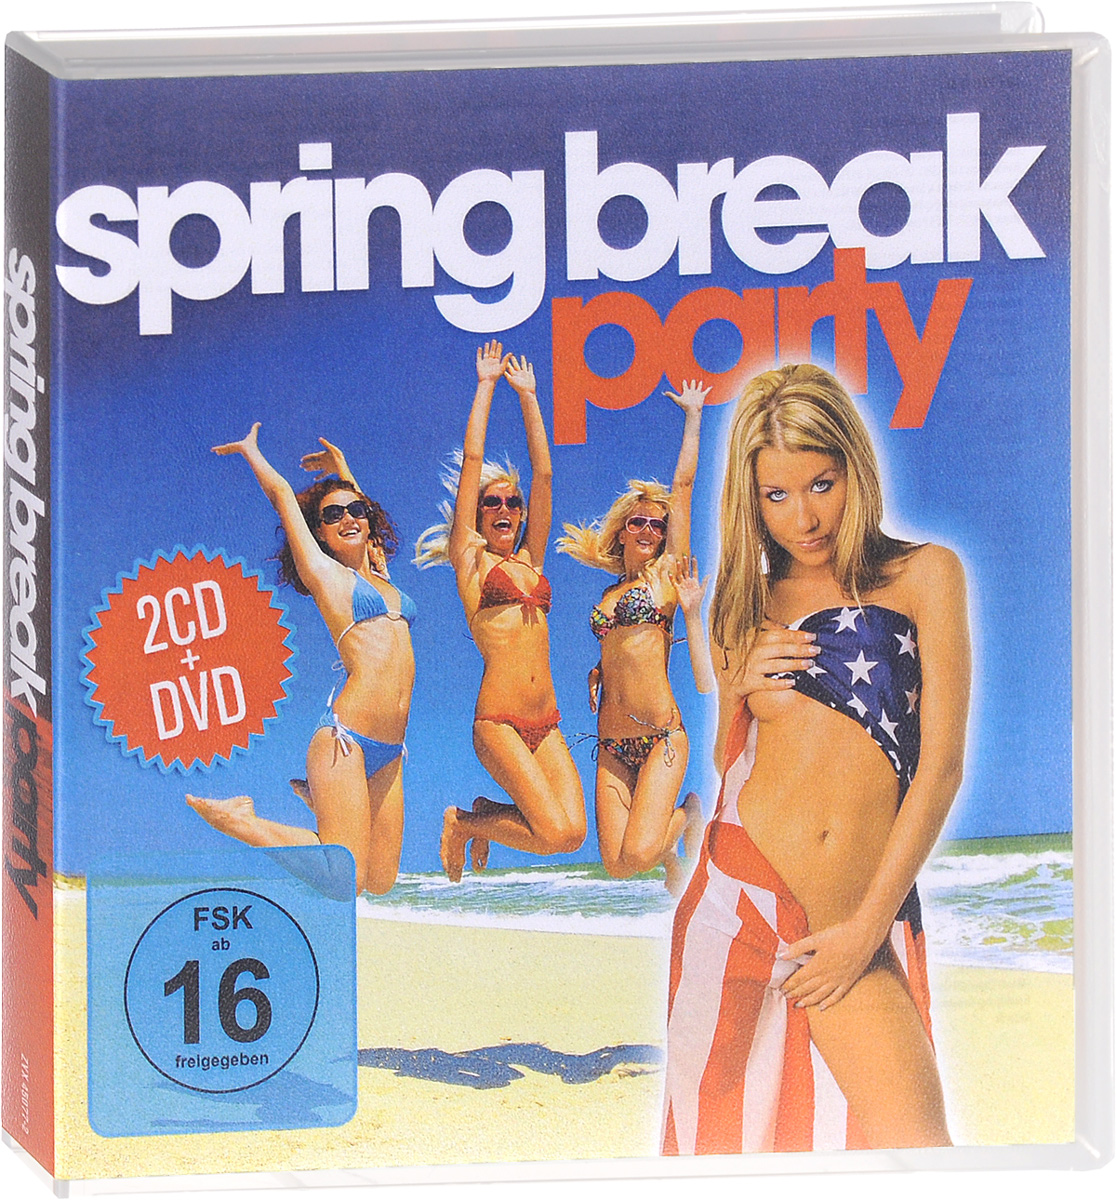 Алекс Меган Spring Break Party (2 CD + DVD) anne villanova the lasting spring break